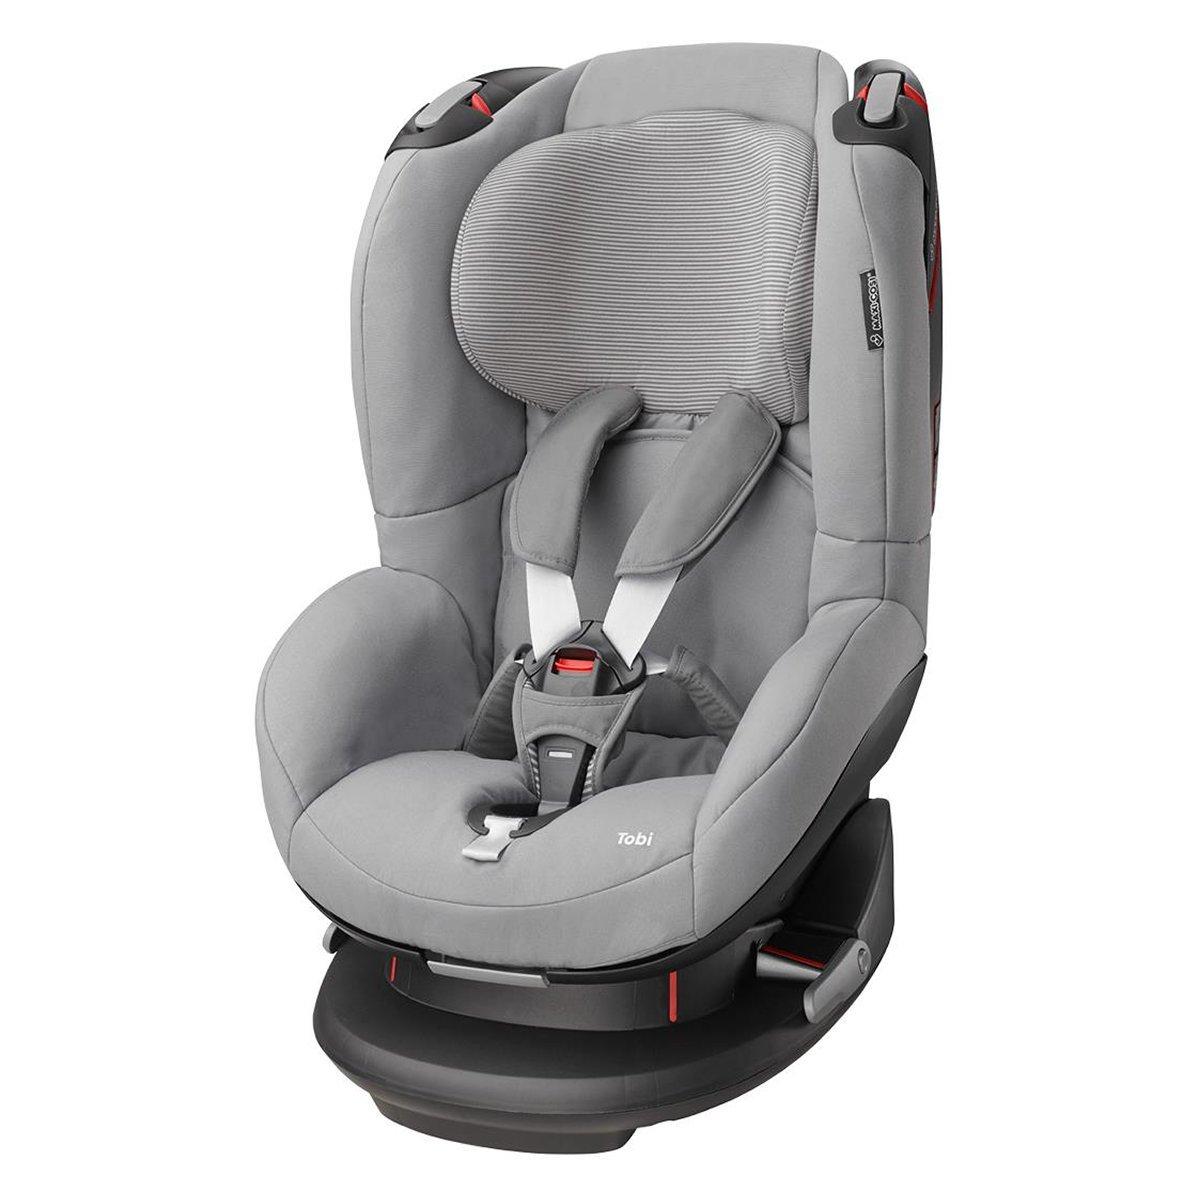 Автокресло maxi-cosi tobi: 5 достоинств, 3 недостатка, цены, установка